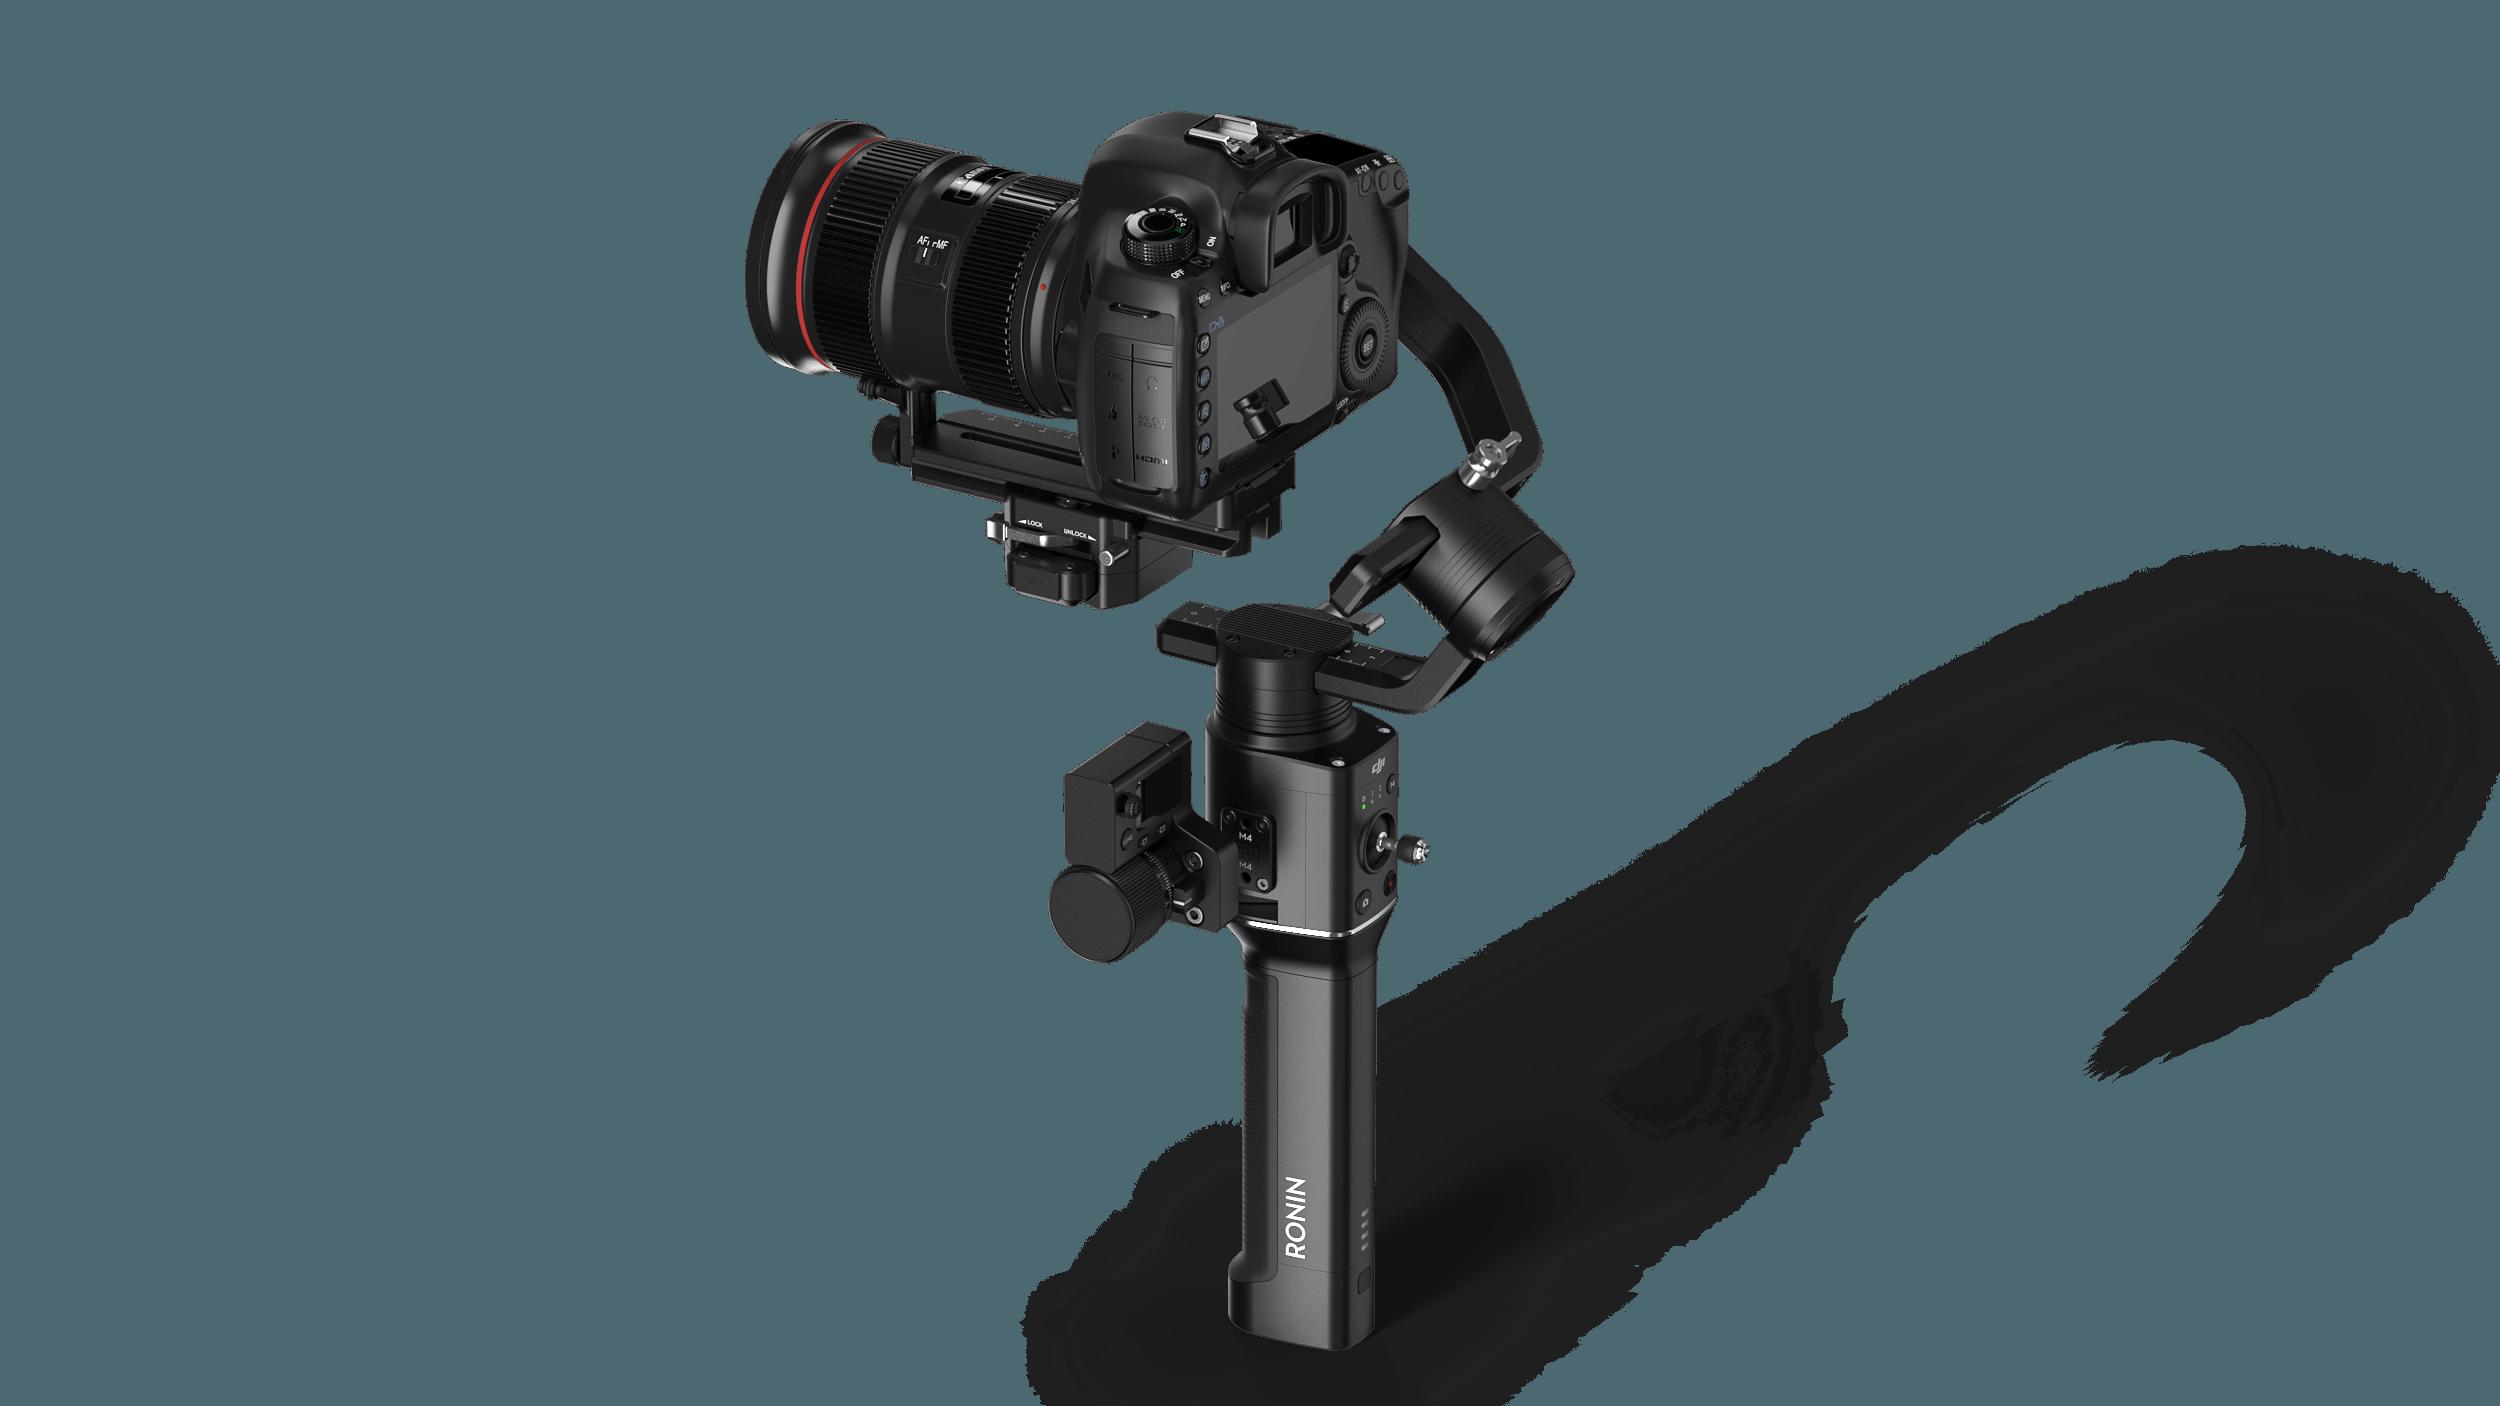 c622847938087 DJI dévoile ses stabilisateurs de caméras portables Osmo Mobile 2 et ...